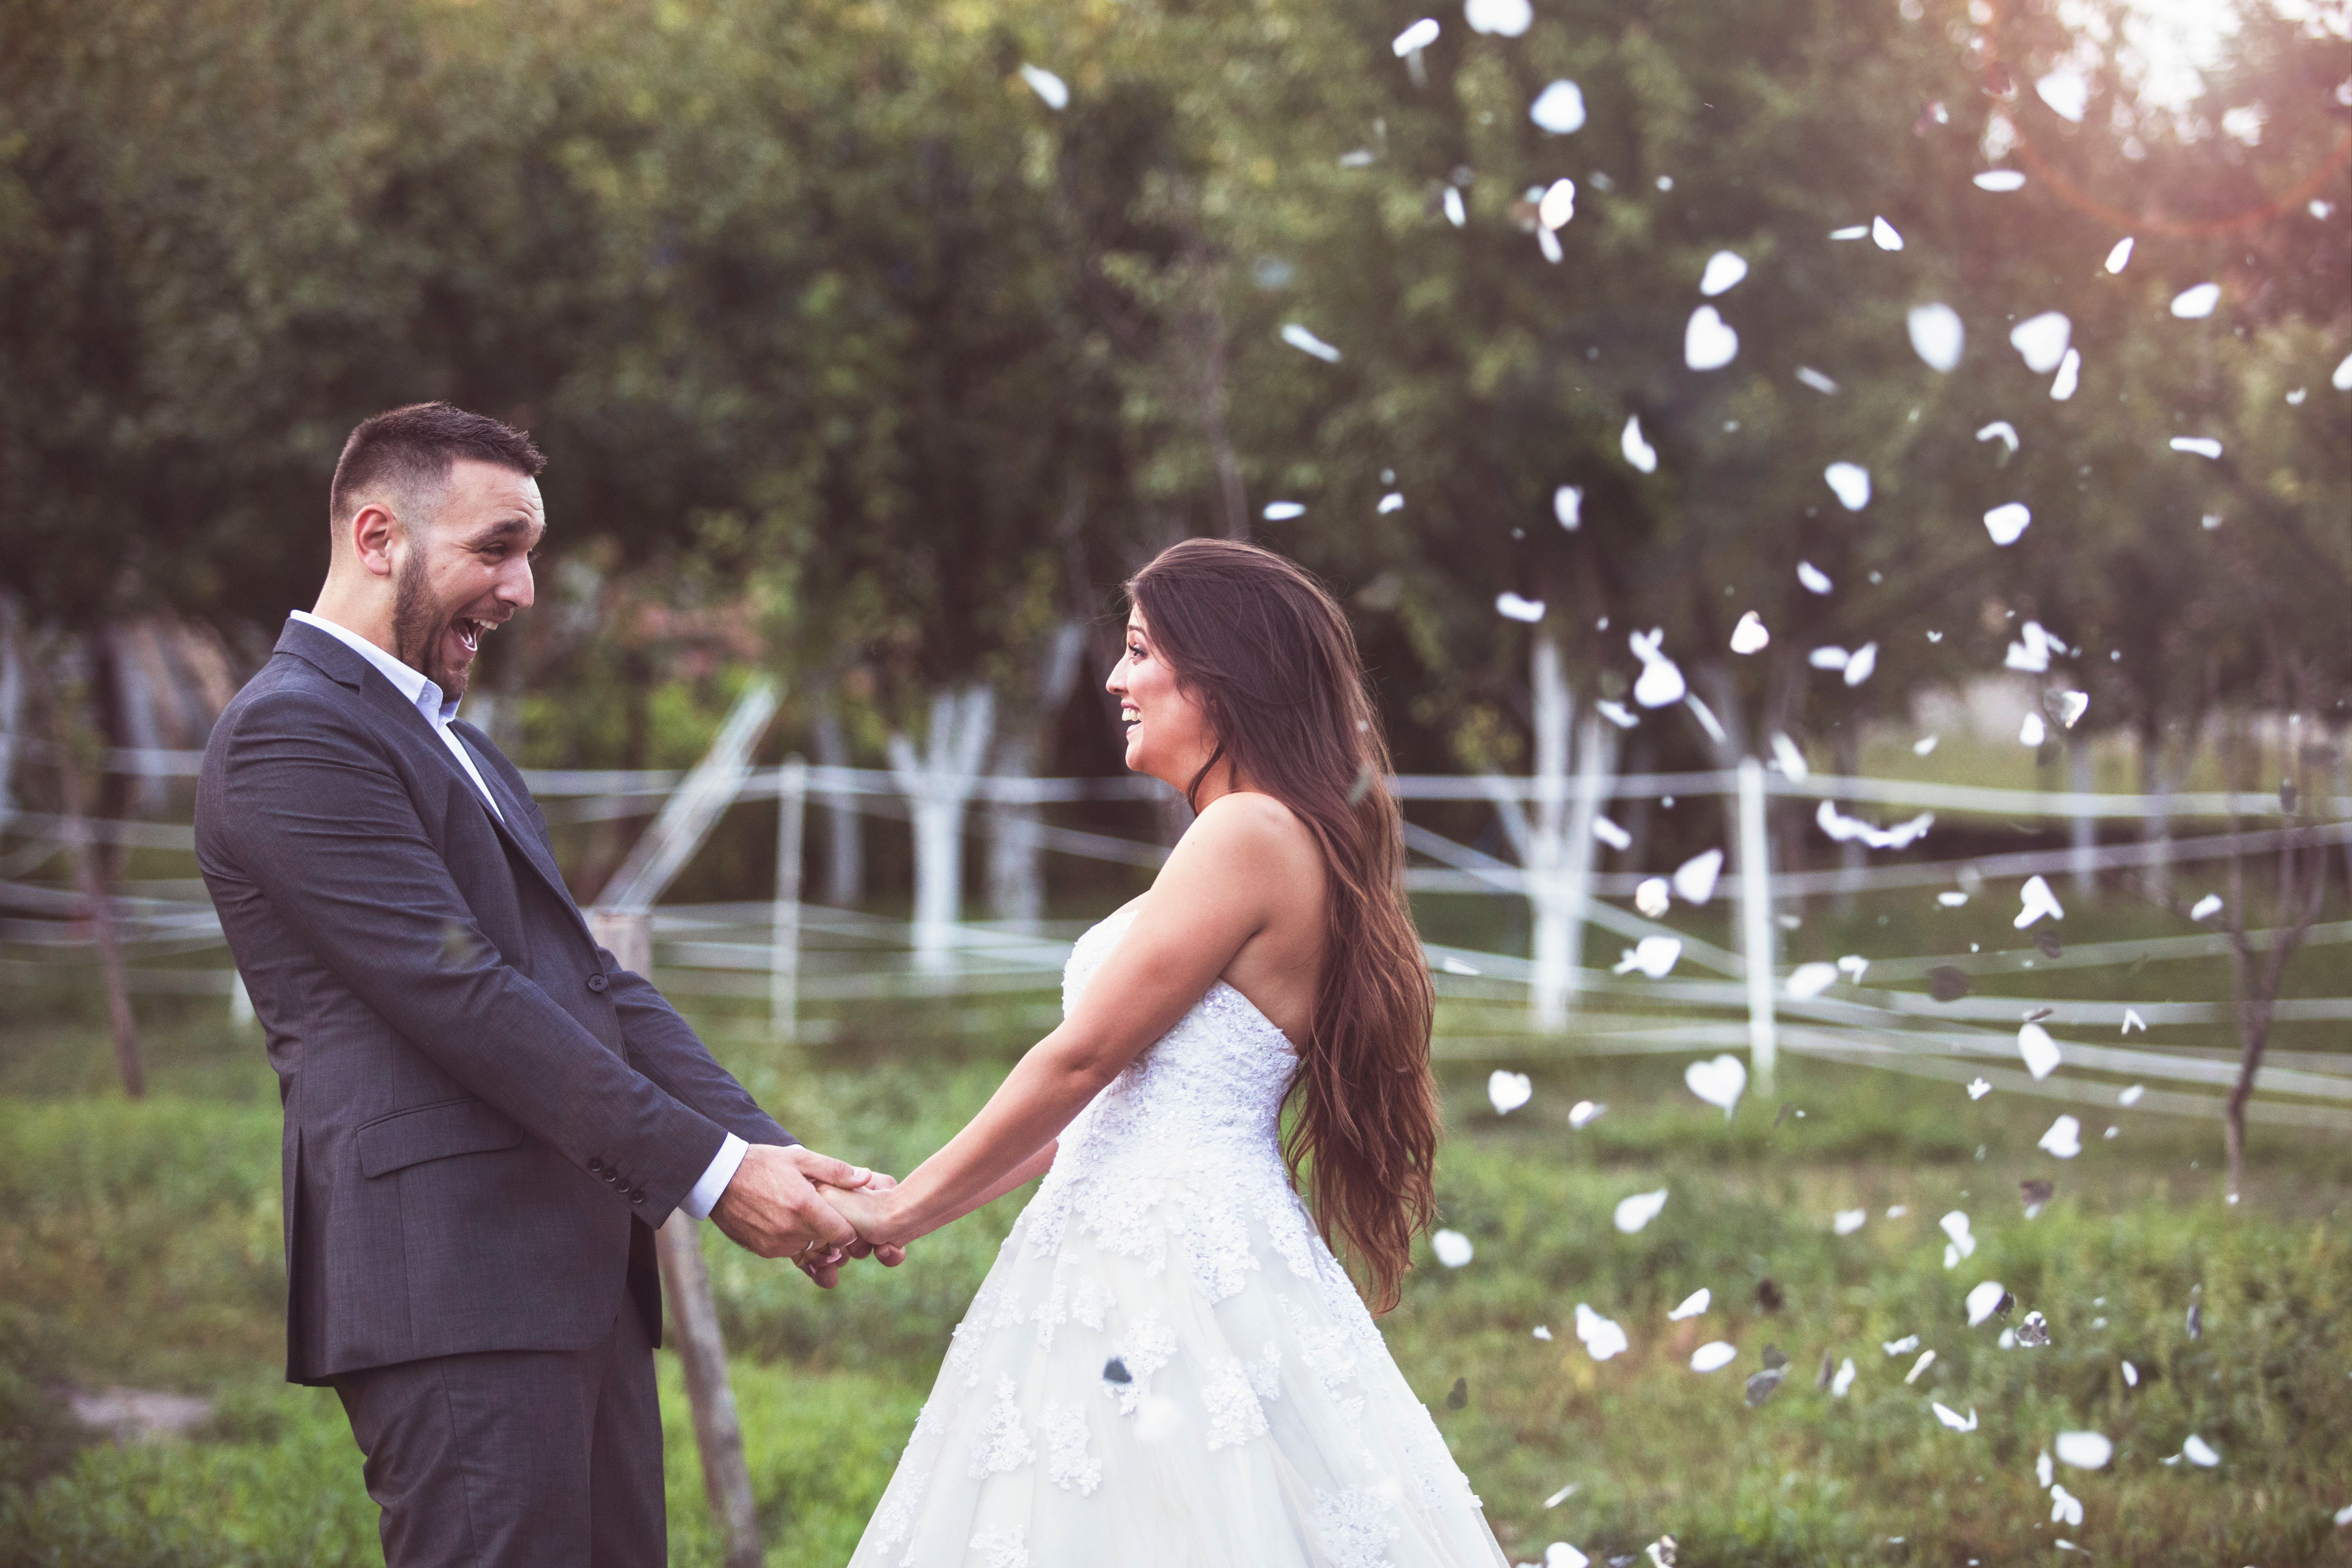 Braut erwartet Traum-Hochzeit: Den schönsten Tag erlebt eine